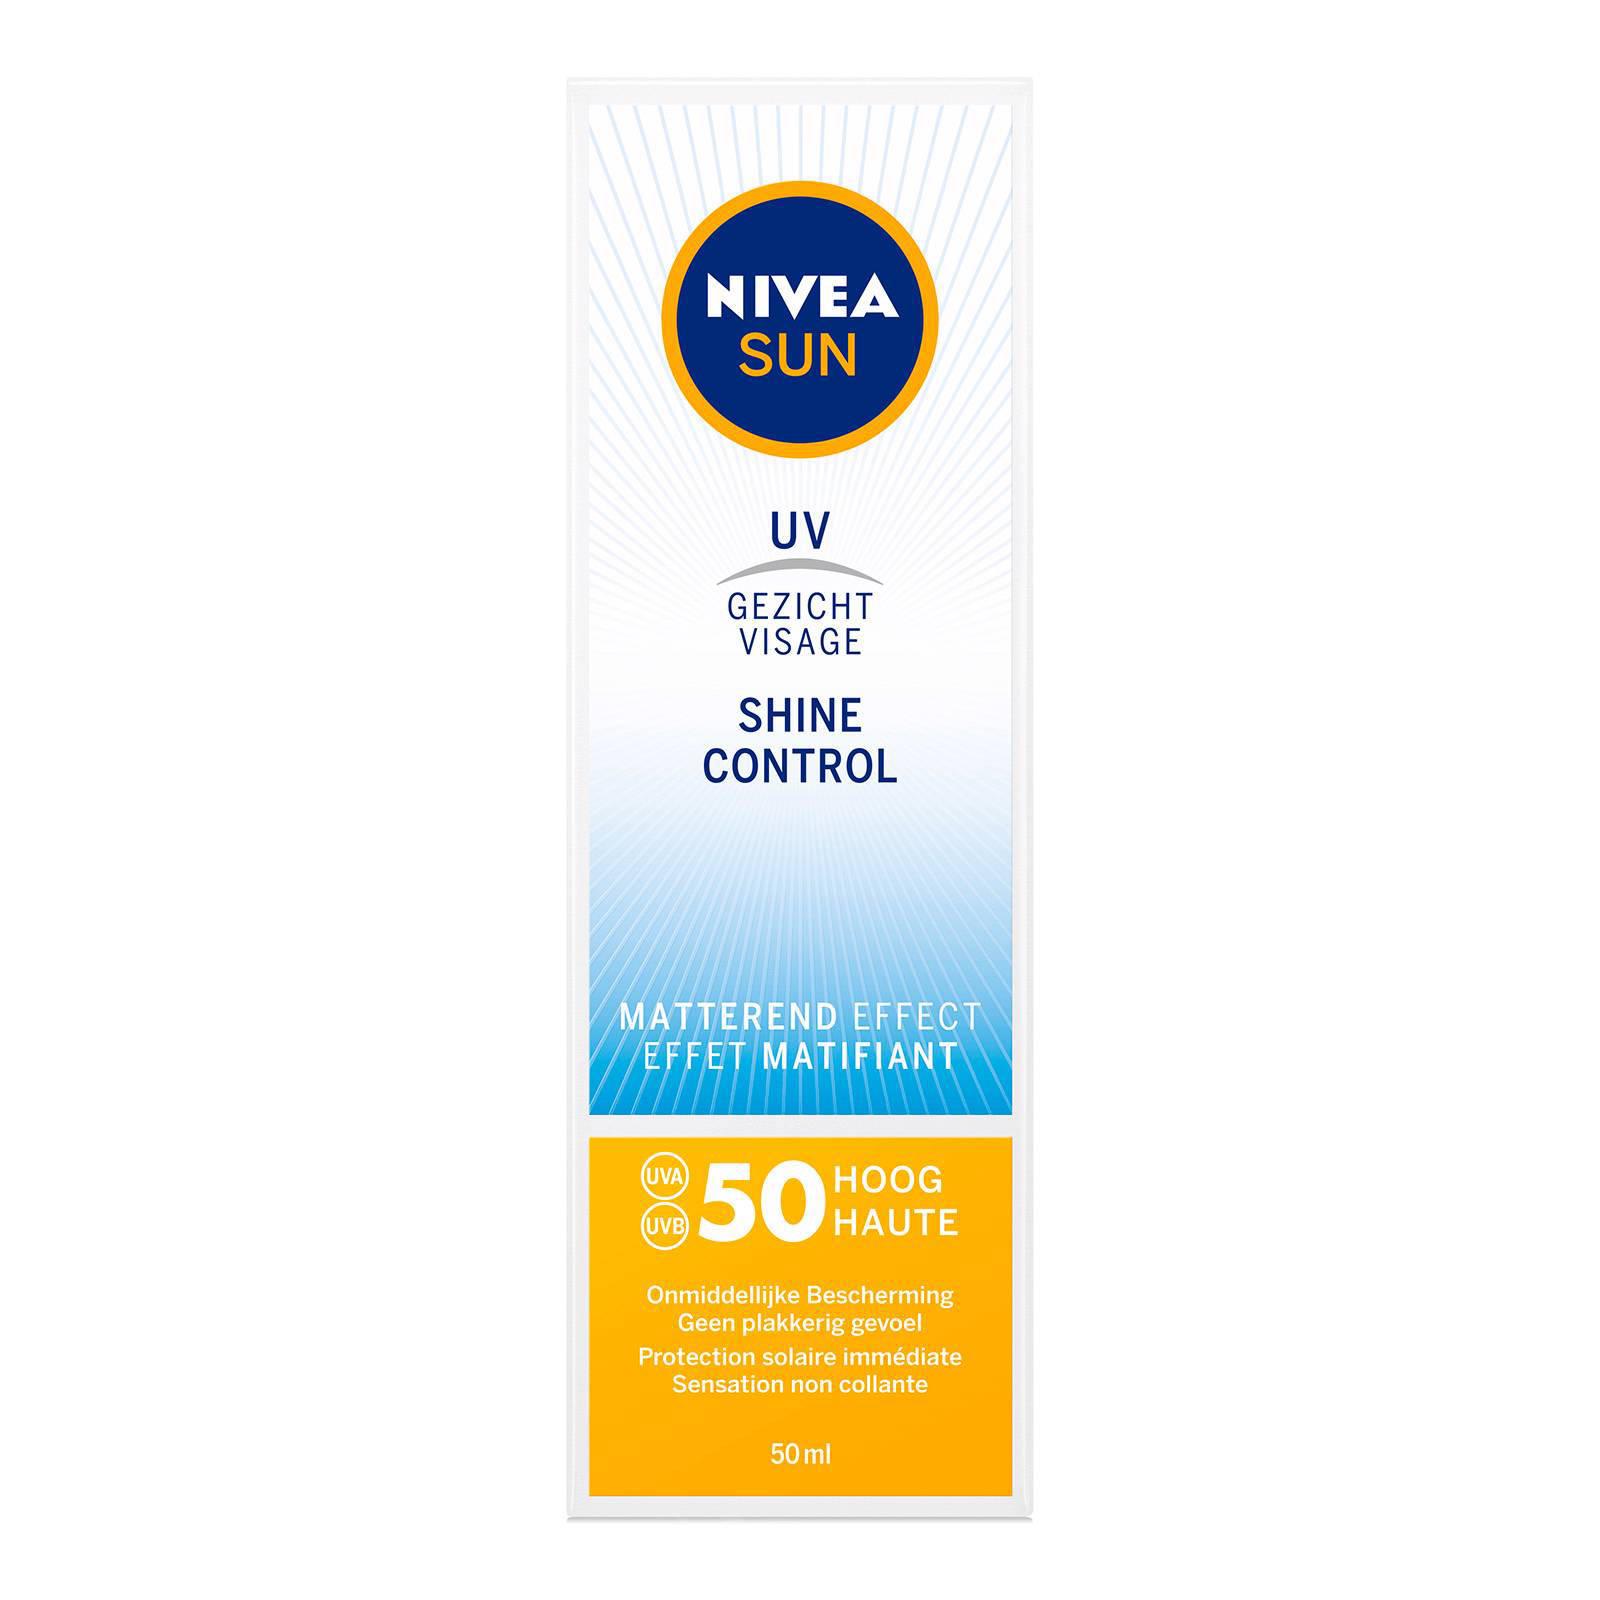 NIVEA SUN Face Shine Control Matterende Crème SPF50 50ml